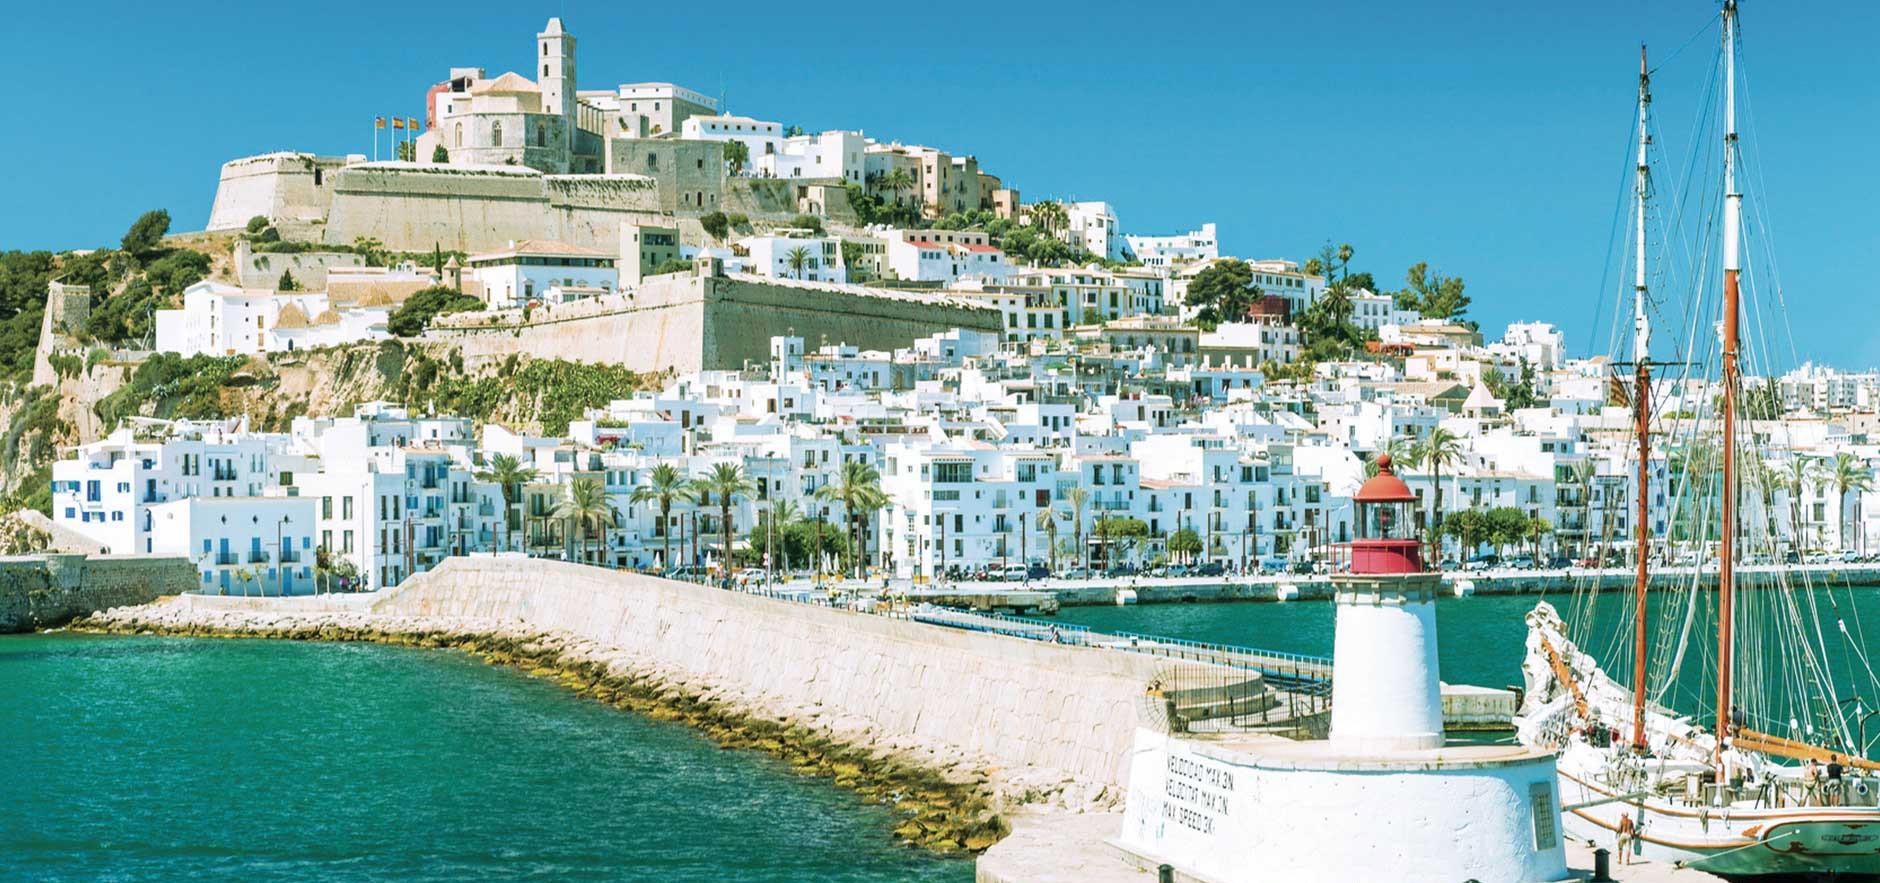 Les îles Baléares - Ibiza